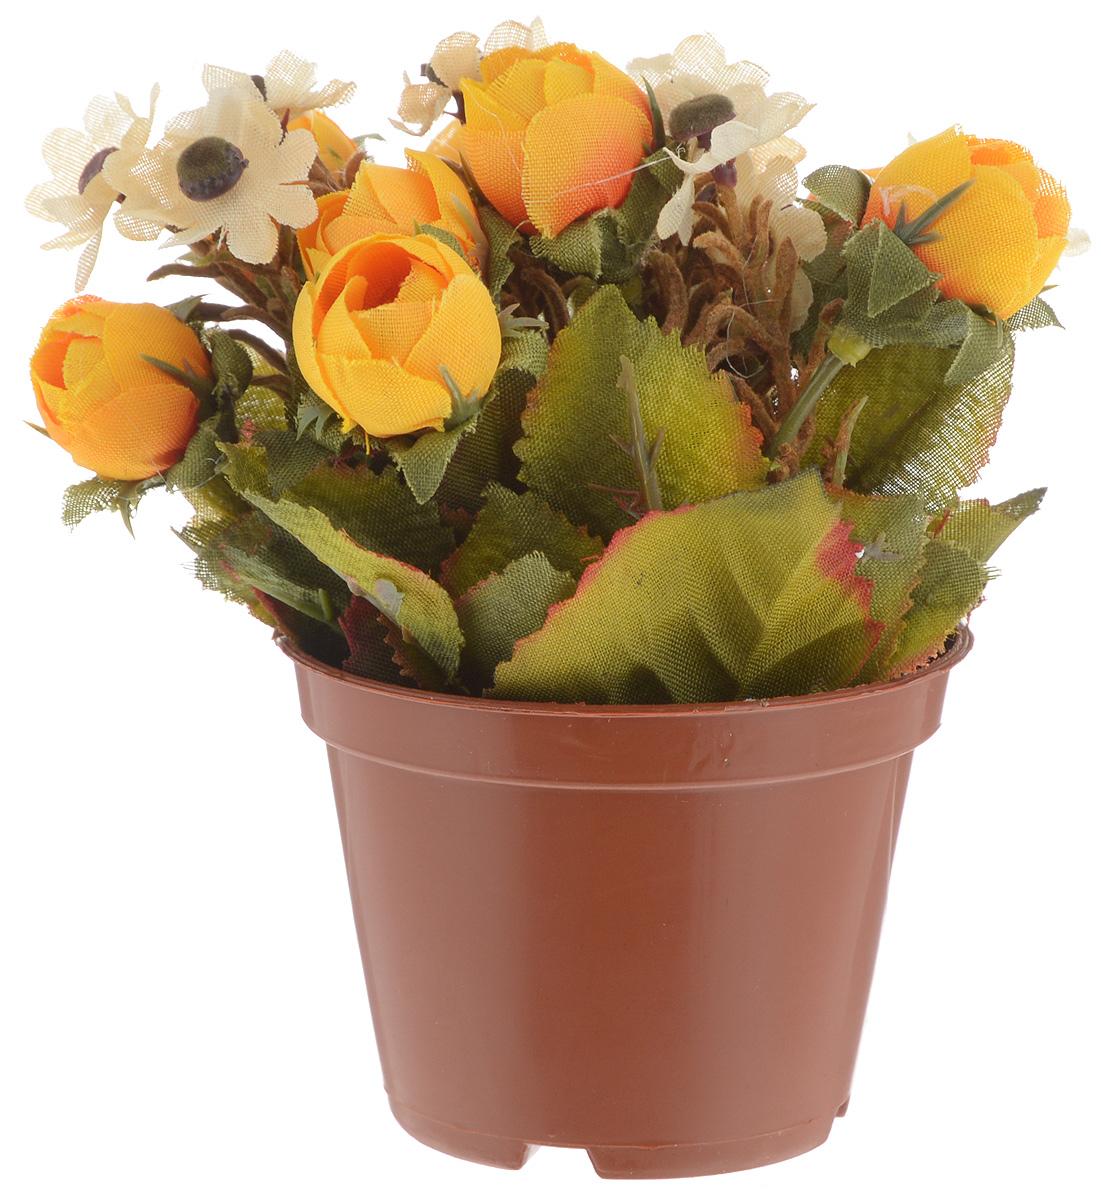 Растение искусственное для мини-сада Bloomits, цвет: желтый, зеленый, коричневый, высота 13 смCHL-320SNИскусственное растение Bloomits поможет создать свой собственный мини-сад. Заниматься ландшафтным дизайном и декором теперь можно, даже если у вас нет своего загородного дома, причем не выходя из дома. Устройте себе удовольствие садовода, собирая миниатюрные фигурки и составляя из них различные композиции. Объедините миниатюрные изделия в емкости (керамический горшок, корзина, деревянный ящик или стеклянная посуда) и добавьте мини-растения. Это не только поможет увлекательно провести время, раскрывая ваше воображение и фантазию, результат работы станет стильным и необычным украшением интерьера.